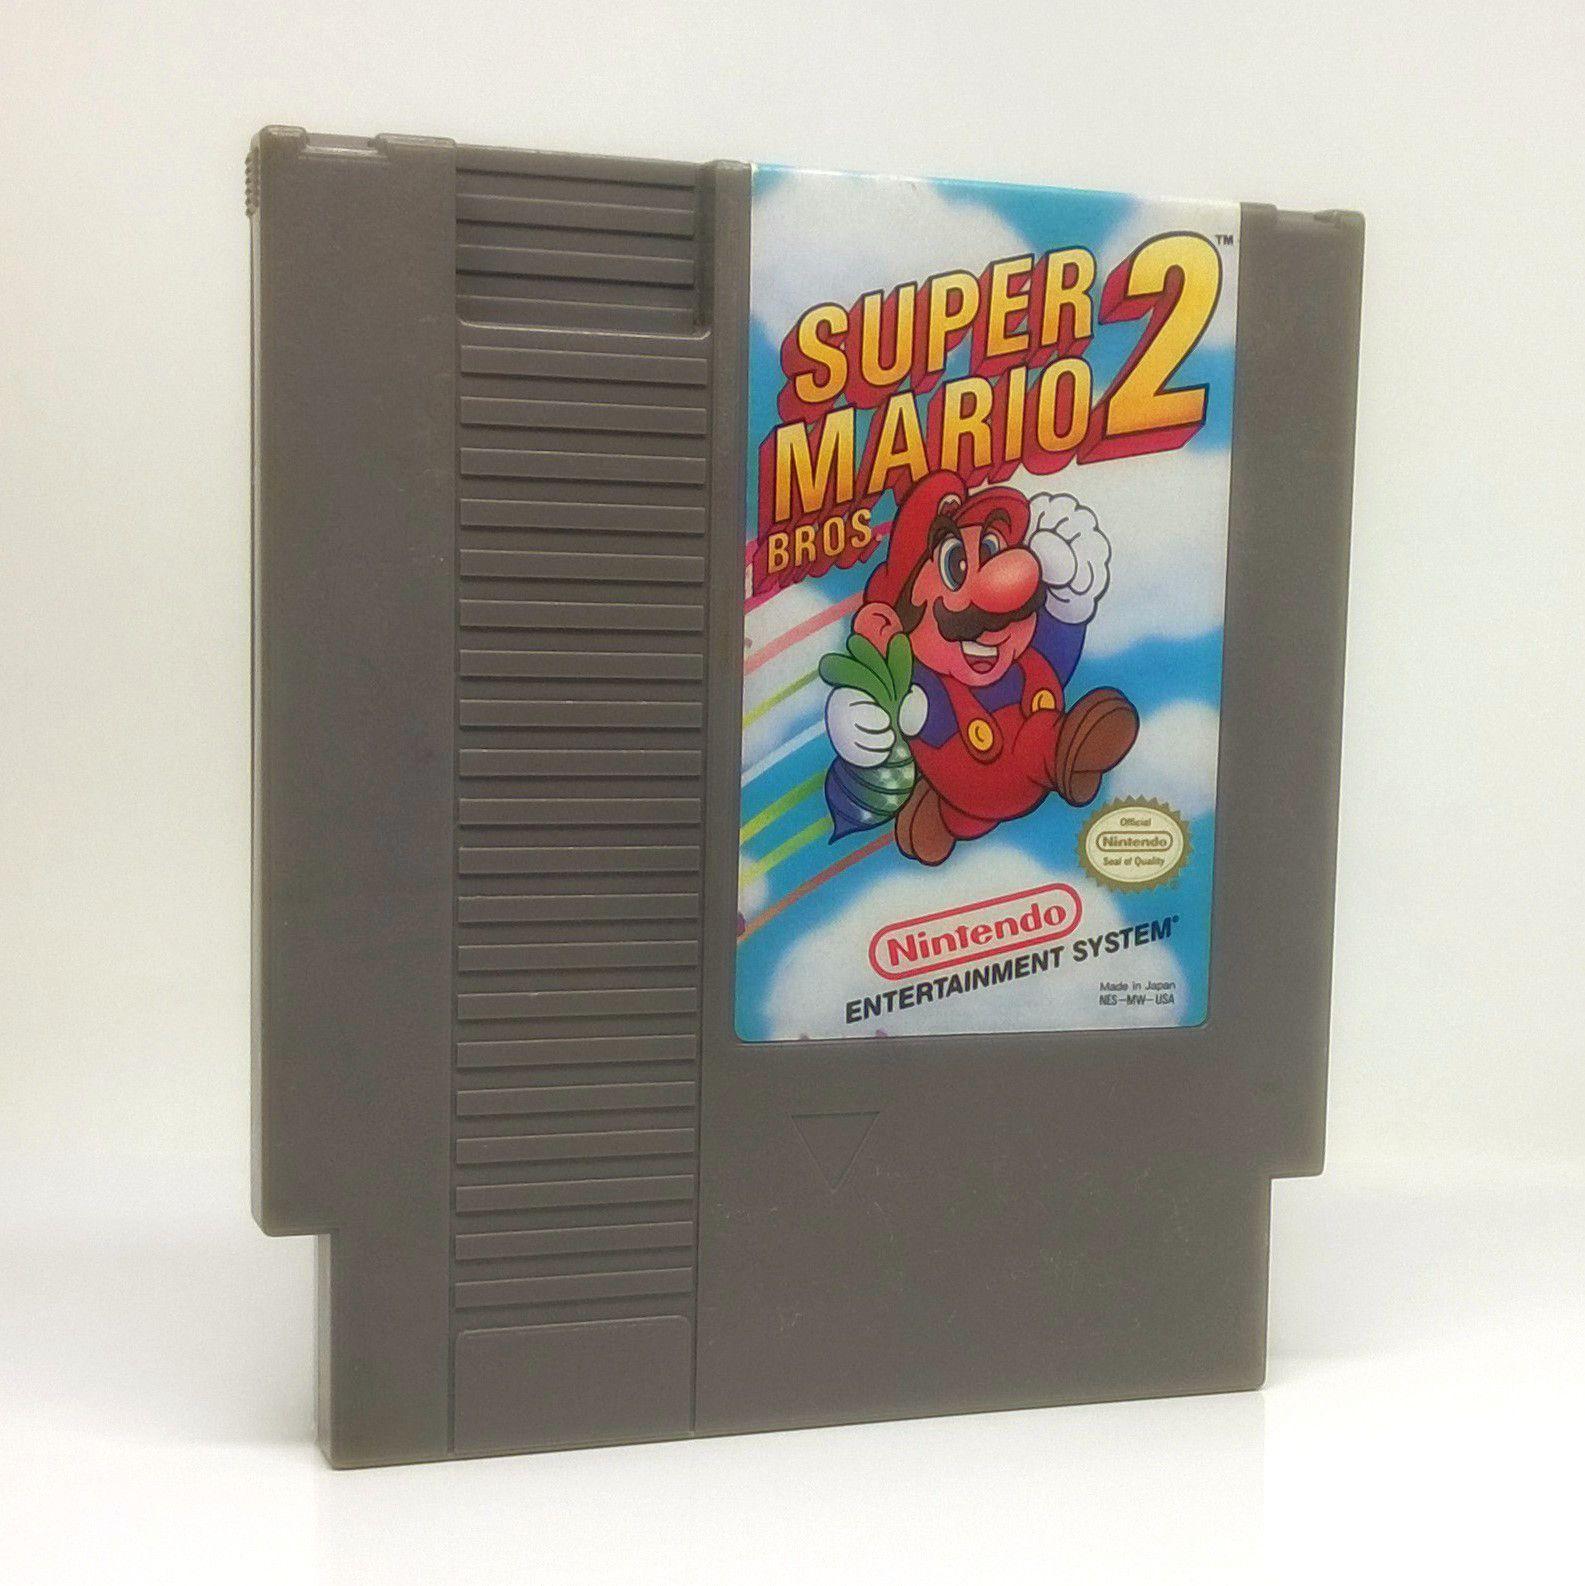 Super Mario Bros 2 Super Mario Bros Mario Bros Super Mario